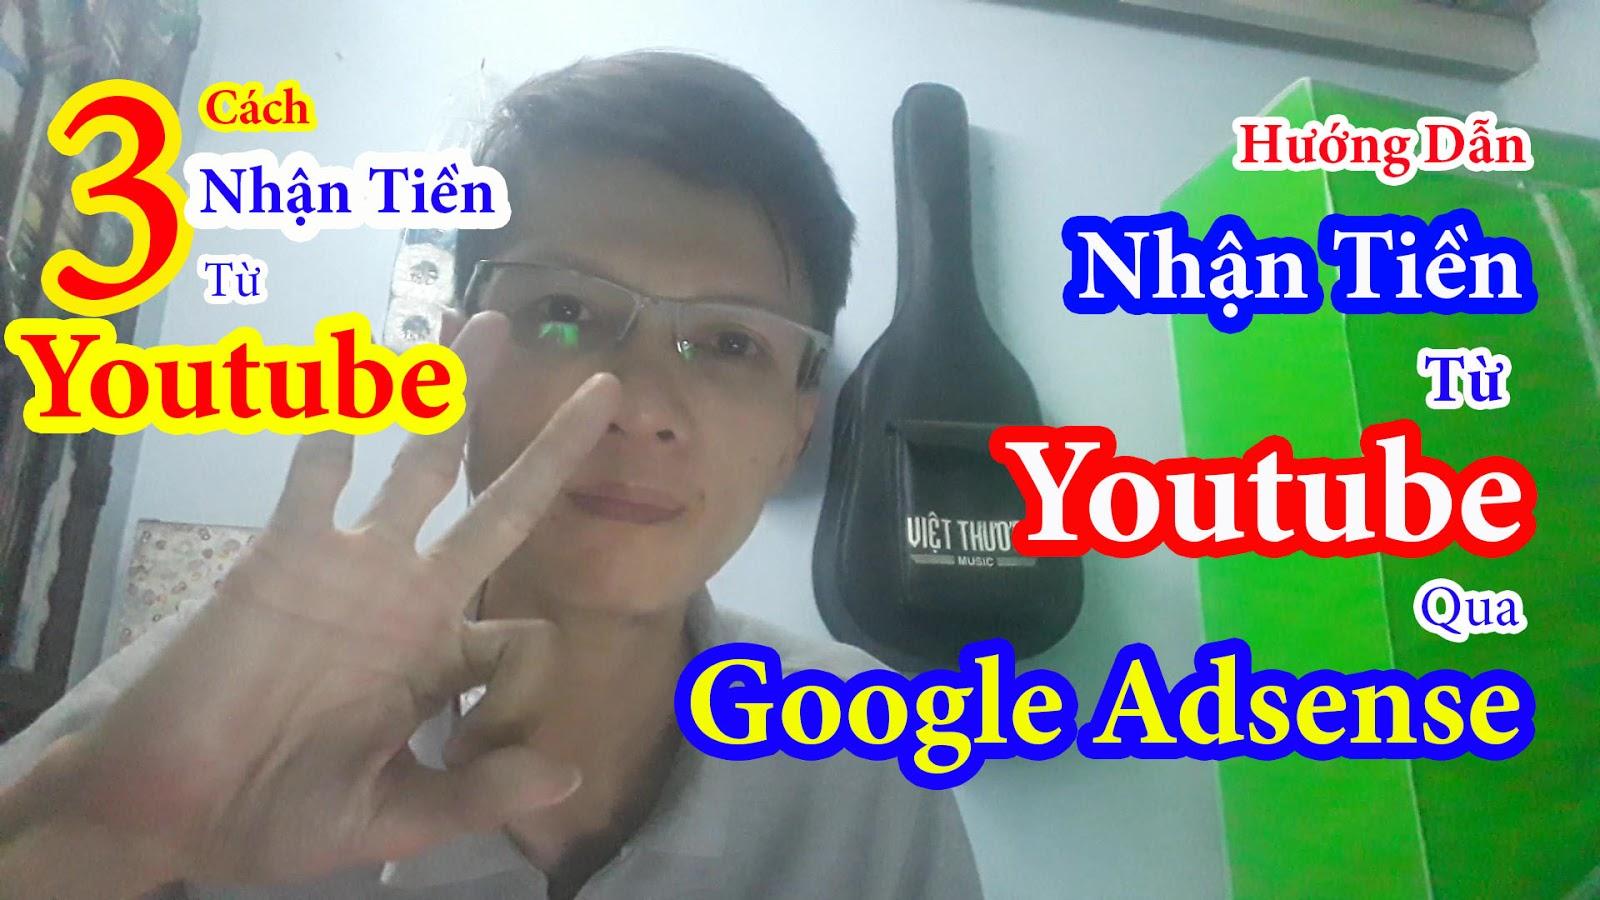 Hướng dẫn nhận tiền từ Youtube qua Google Adsense - 3 cách nhận tiền từ Youtube